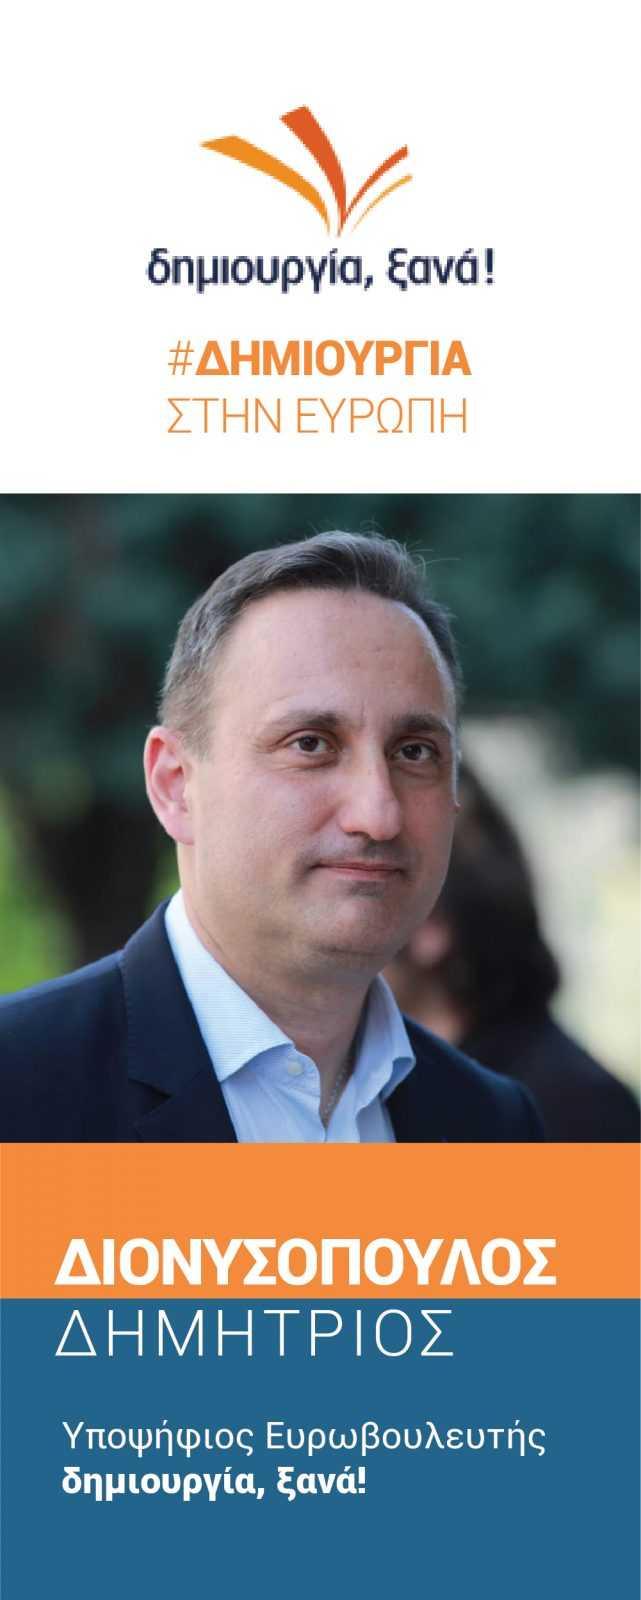 Υποψήφιος ευρωβουλευτής στις ευρωεκλογές του 2019 ο γνωστός ογκολόγος Δημήτρης Διονυσόπουλος με καταγωγή από την Κοζάνη